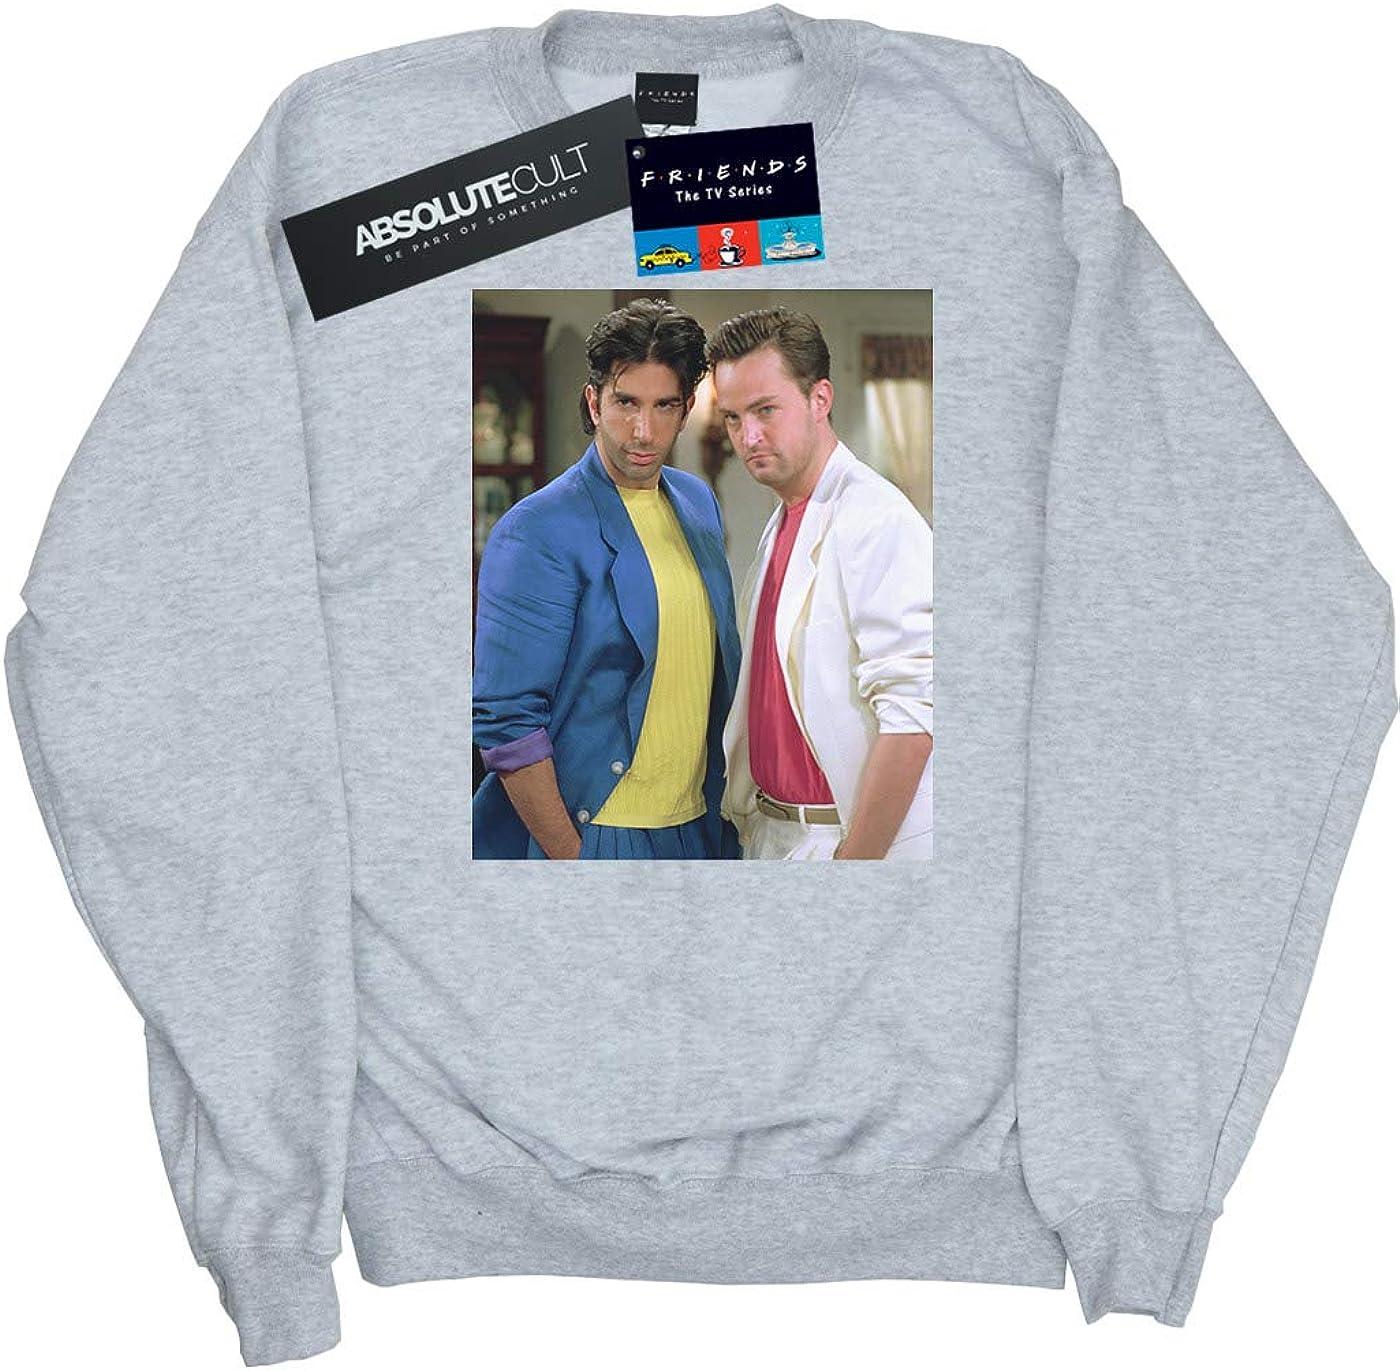 Absolute Cult Friends Girls 80s Ross and Chandler Sweatshirt